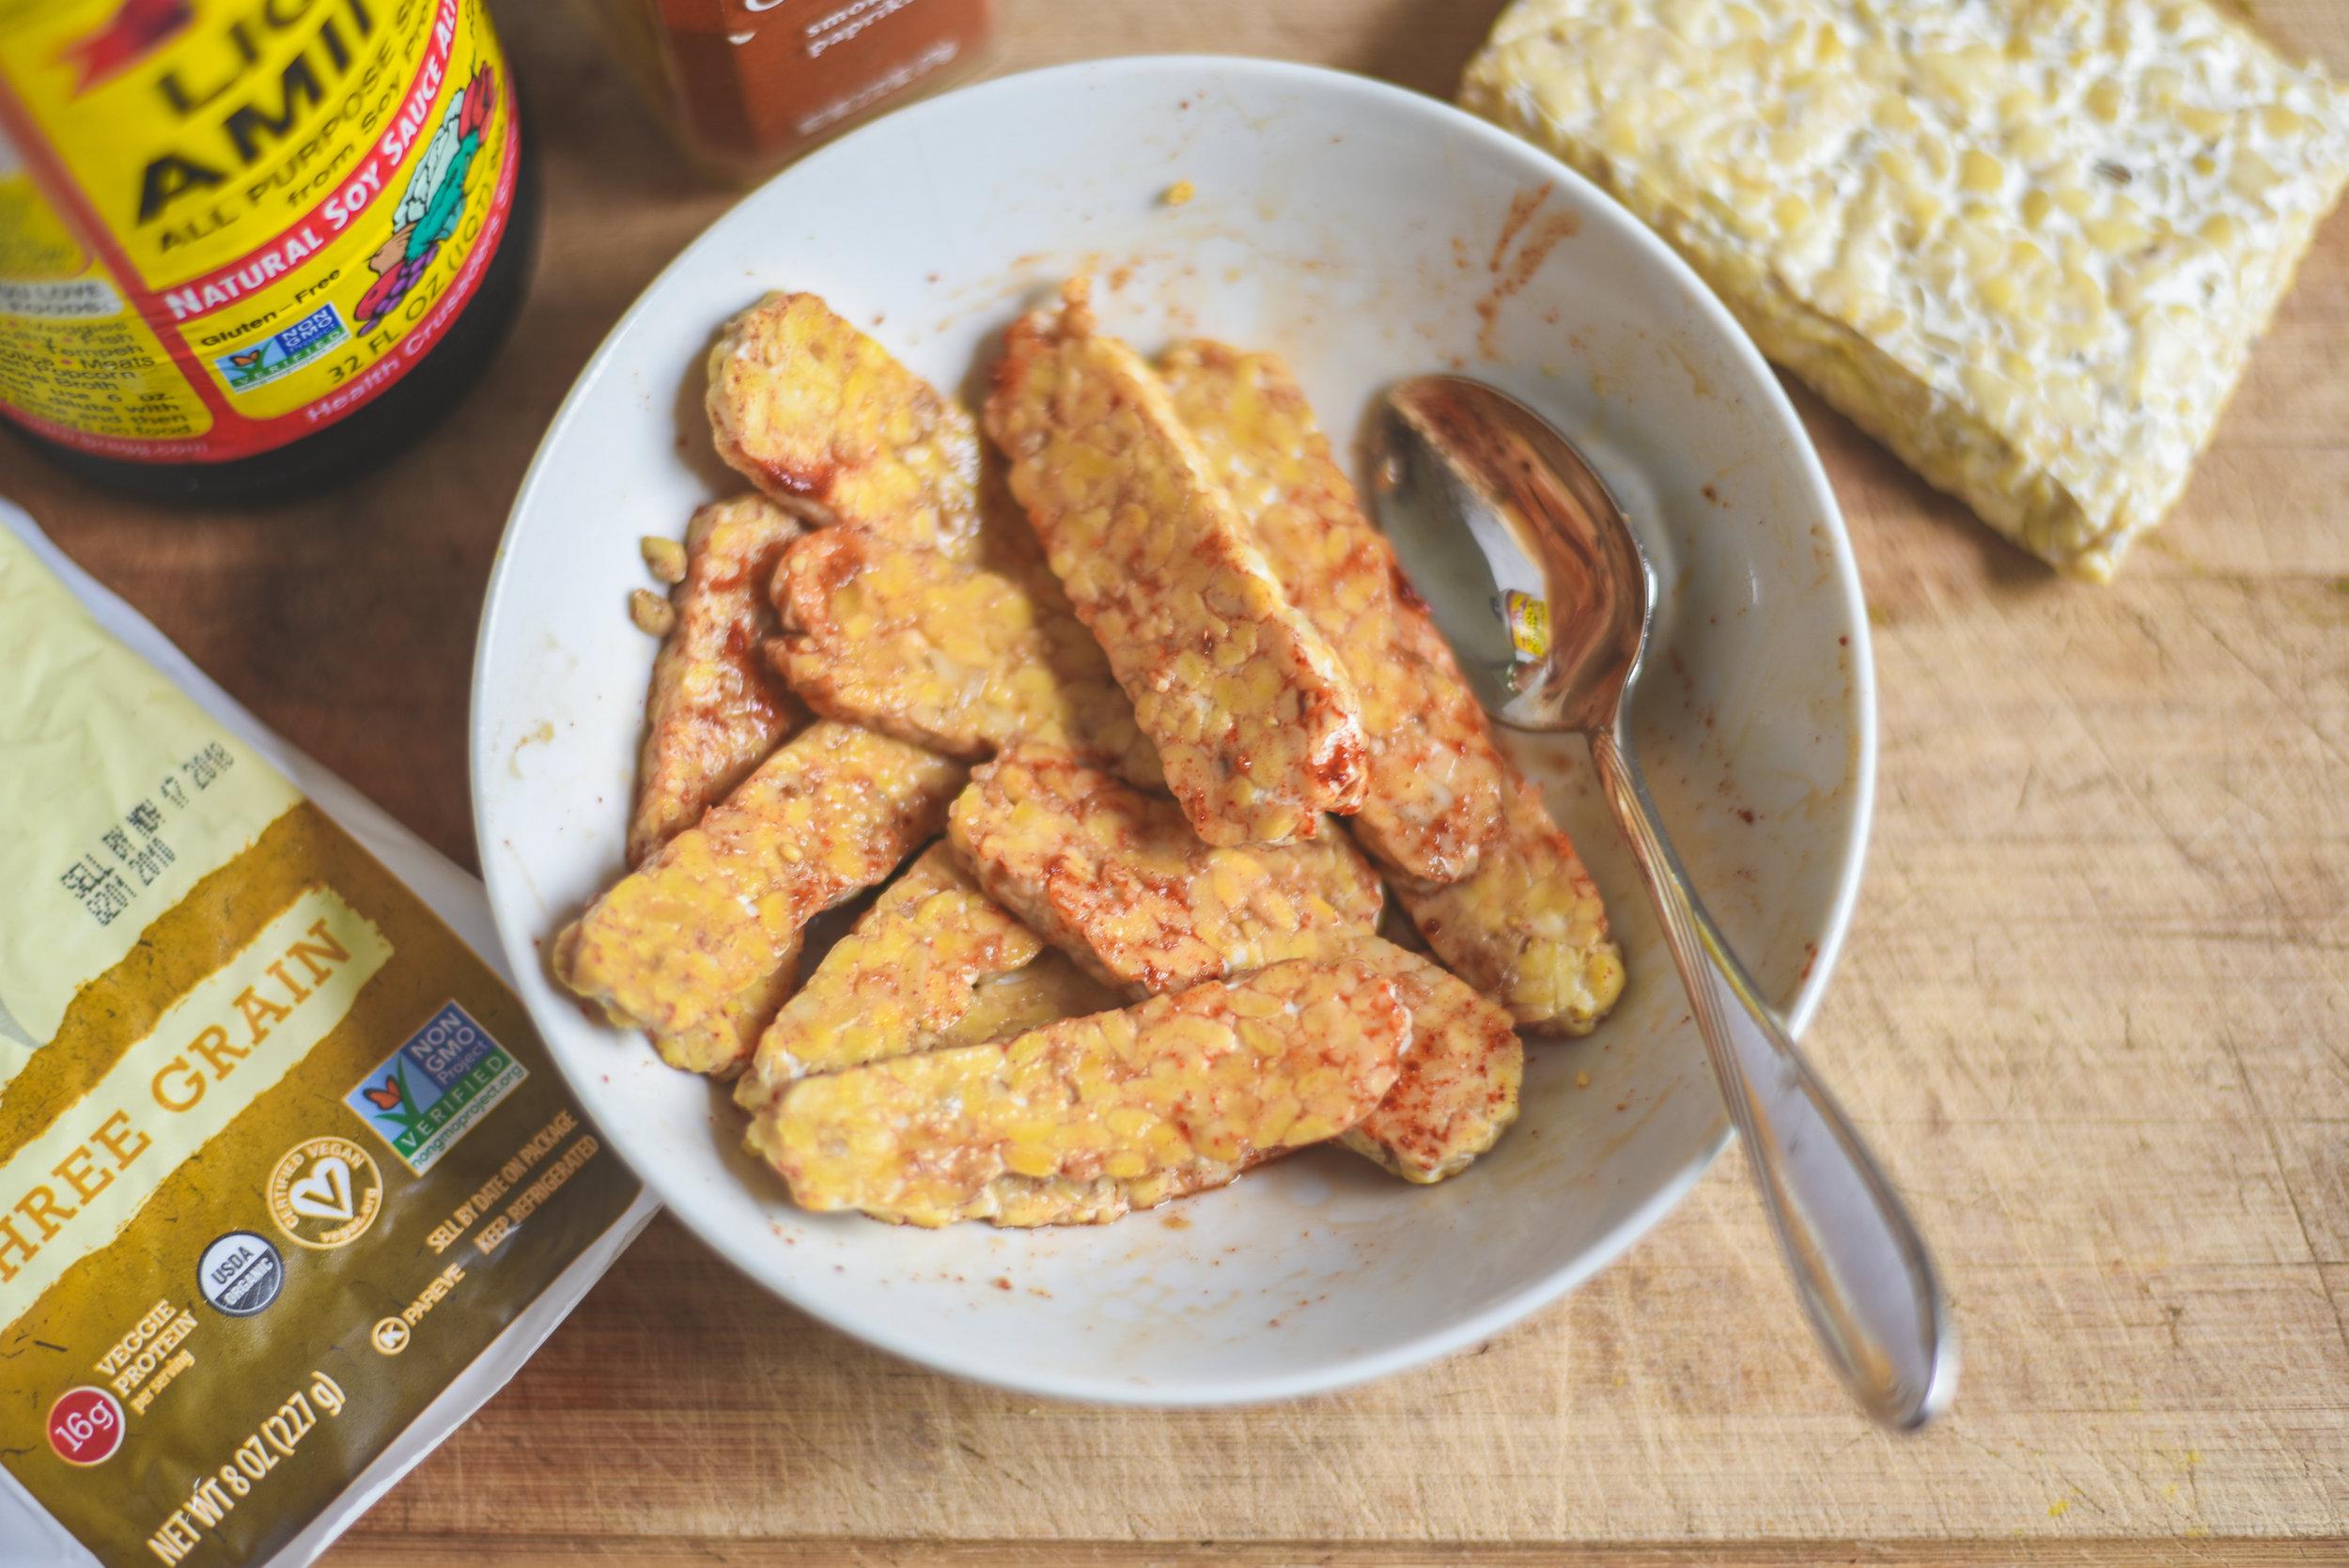 como cocinar tempeh ahumado en casa